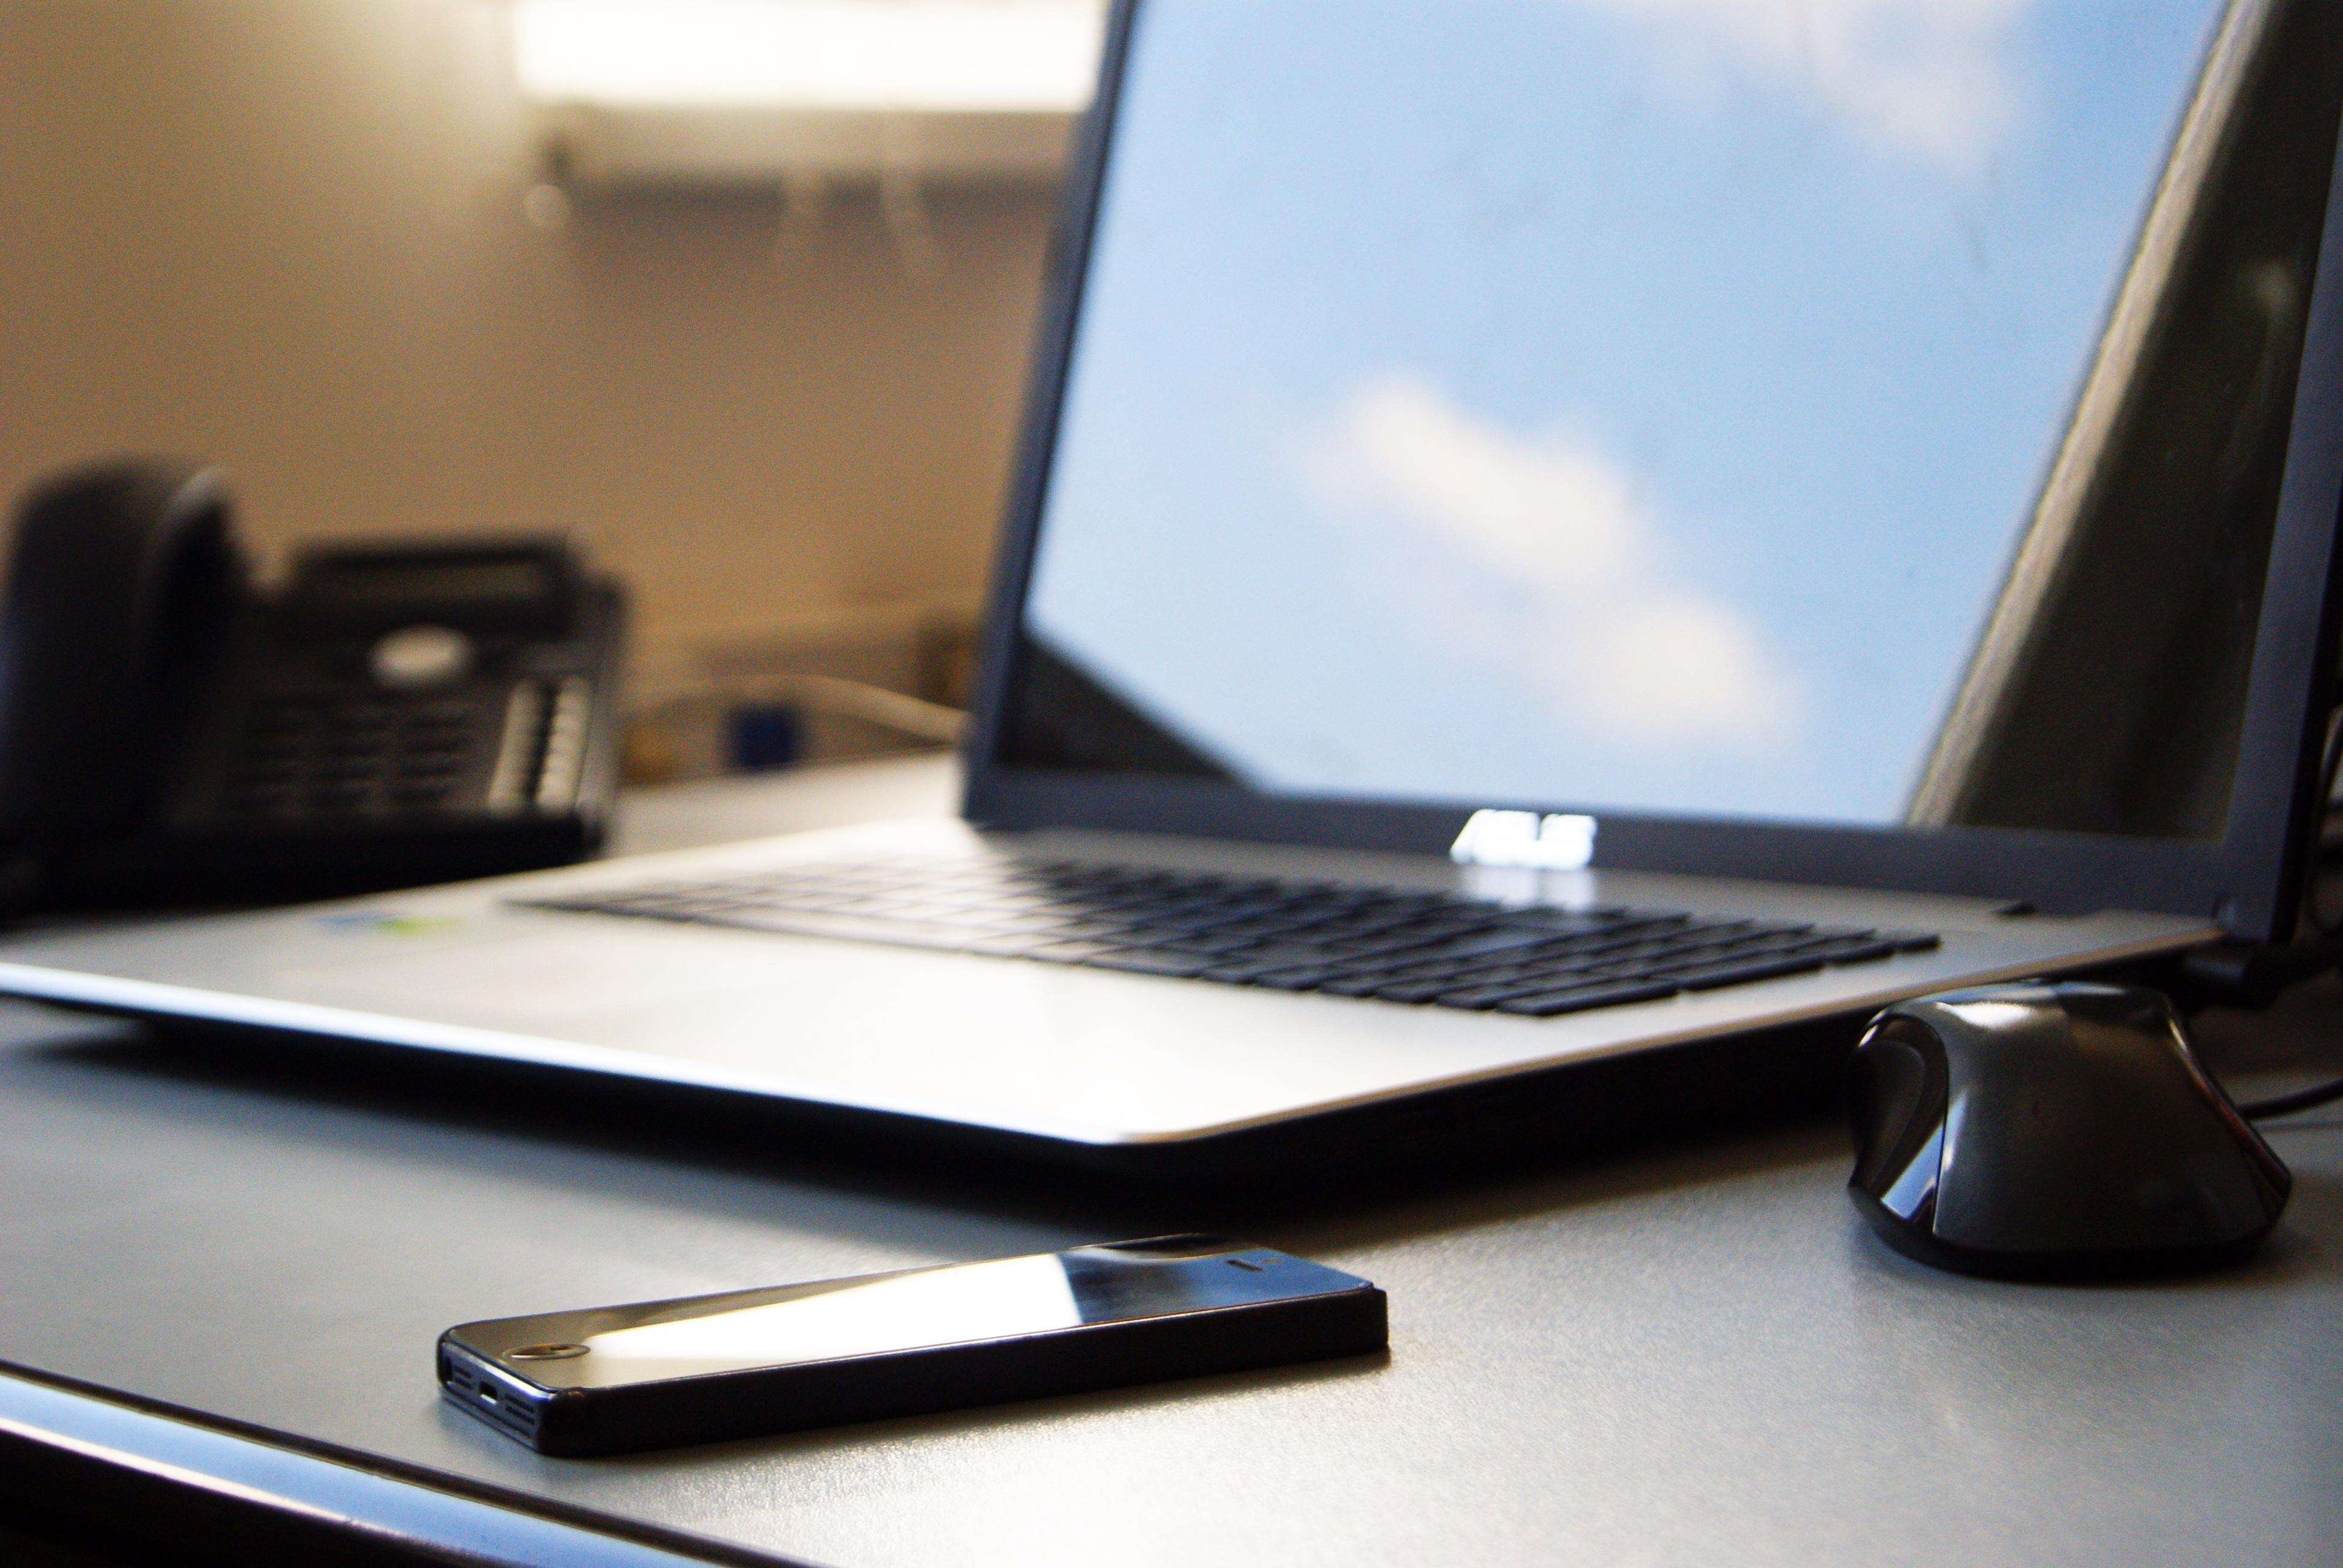 Gambar Laptop Iphone Smartphone Mobile Meja Teknologi Kantor